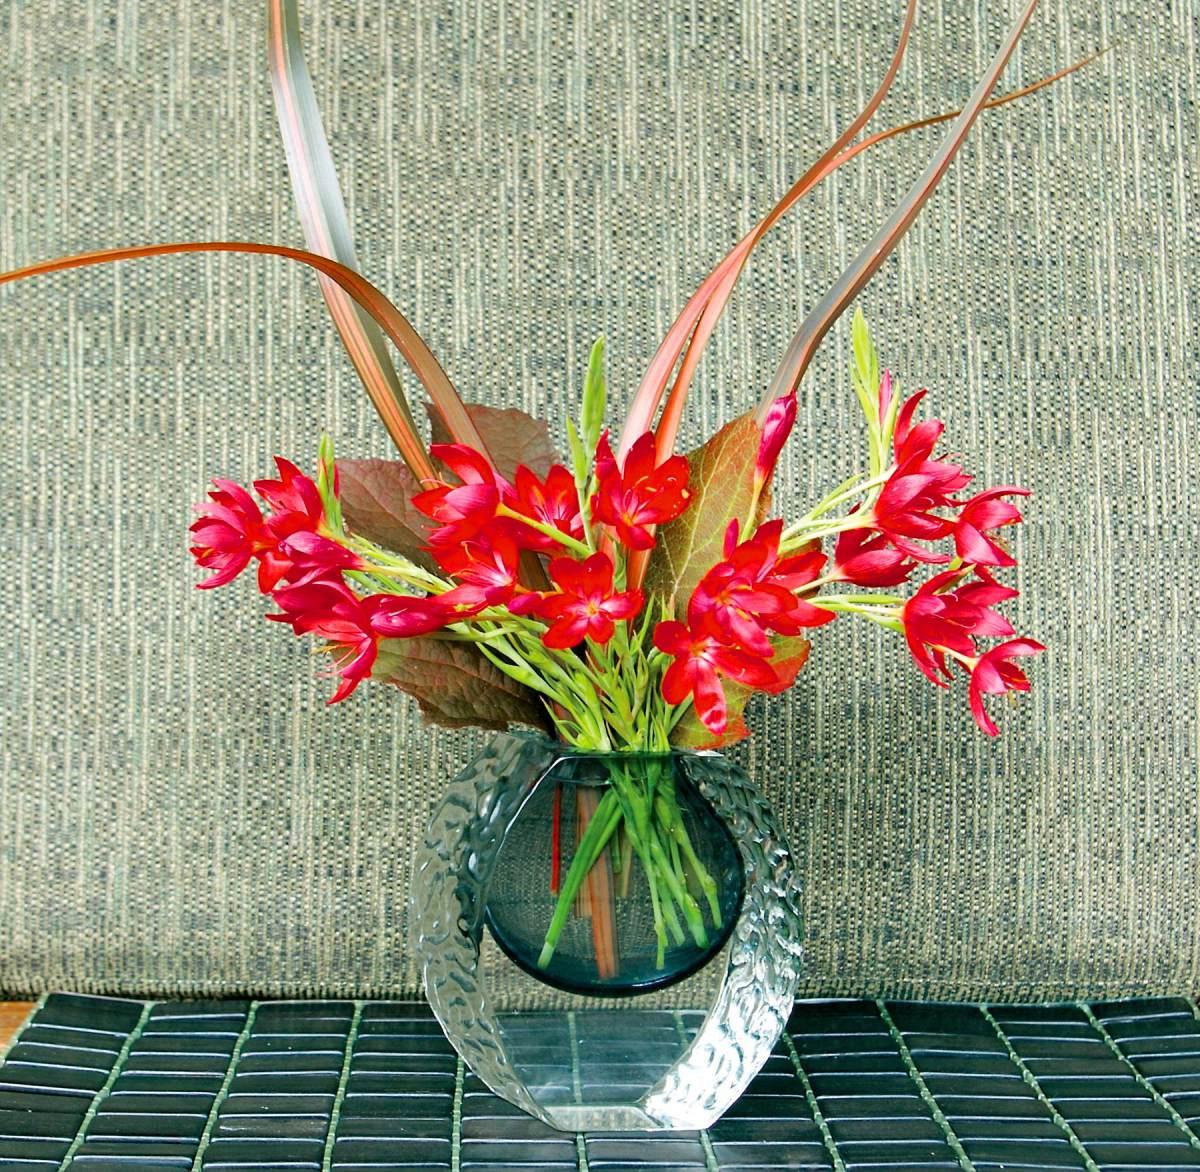 Wshg Flower Power Featured The Garden August 13 2014